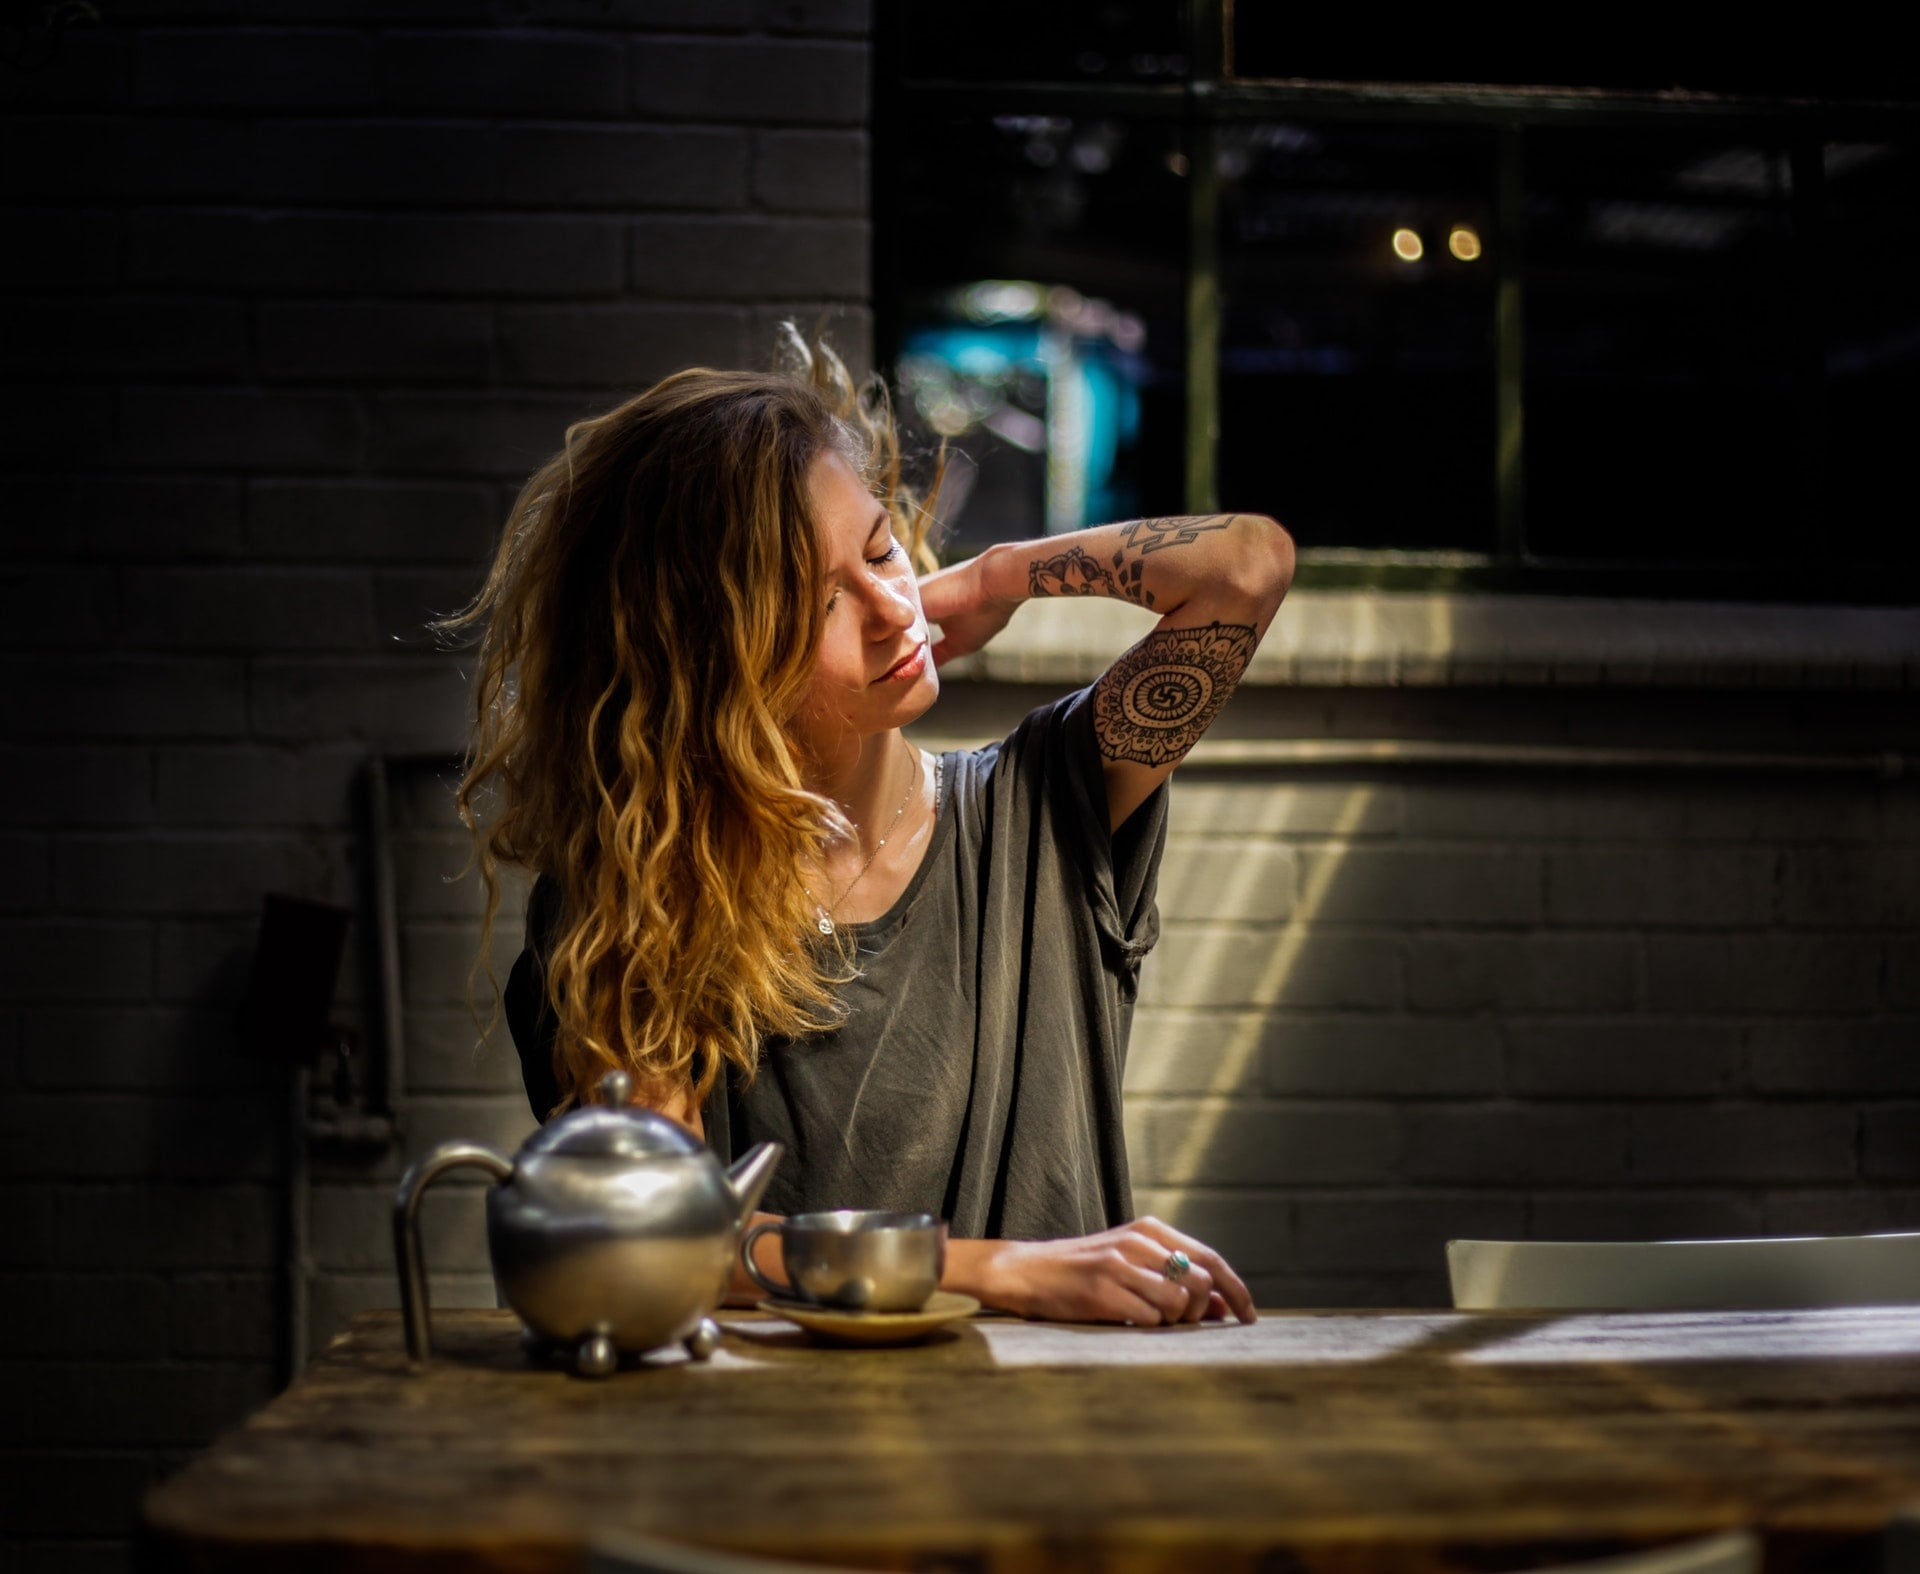 femme stressee buvant une infusion la nuite